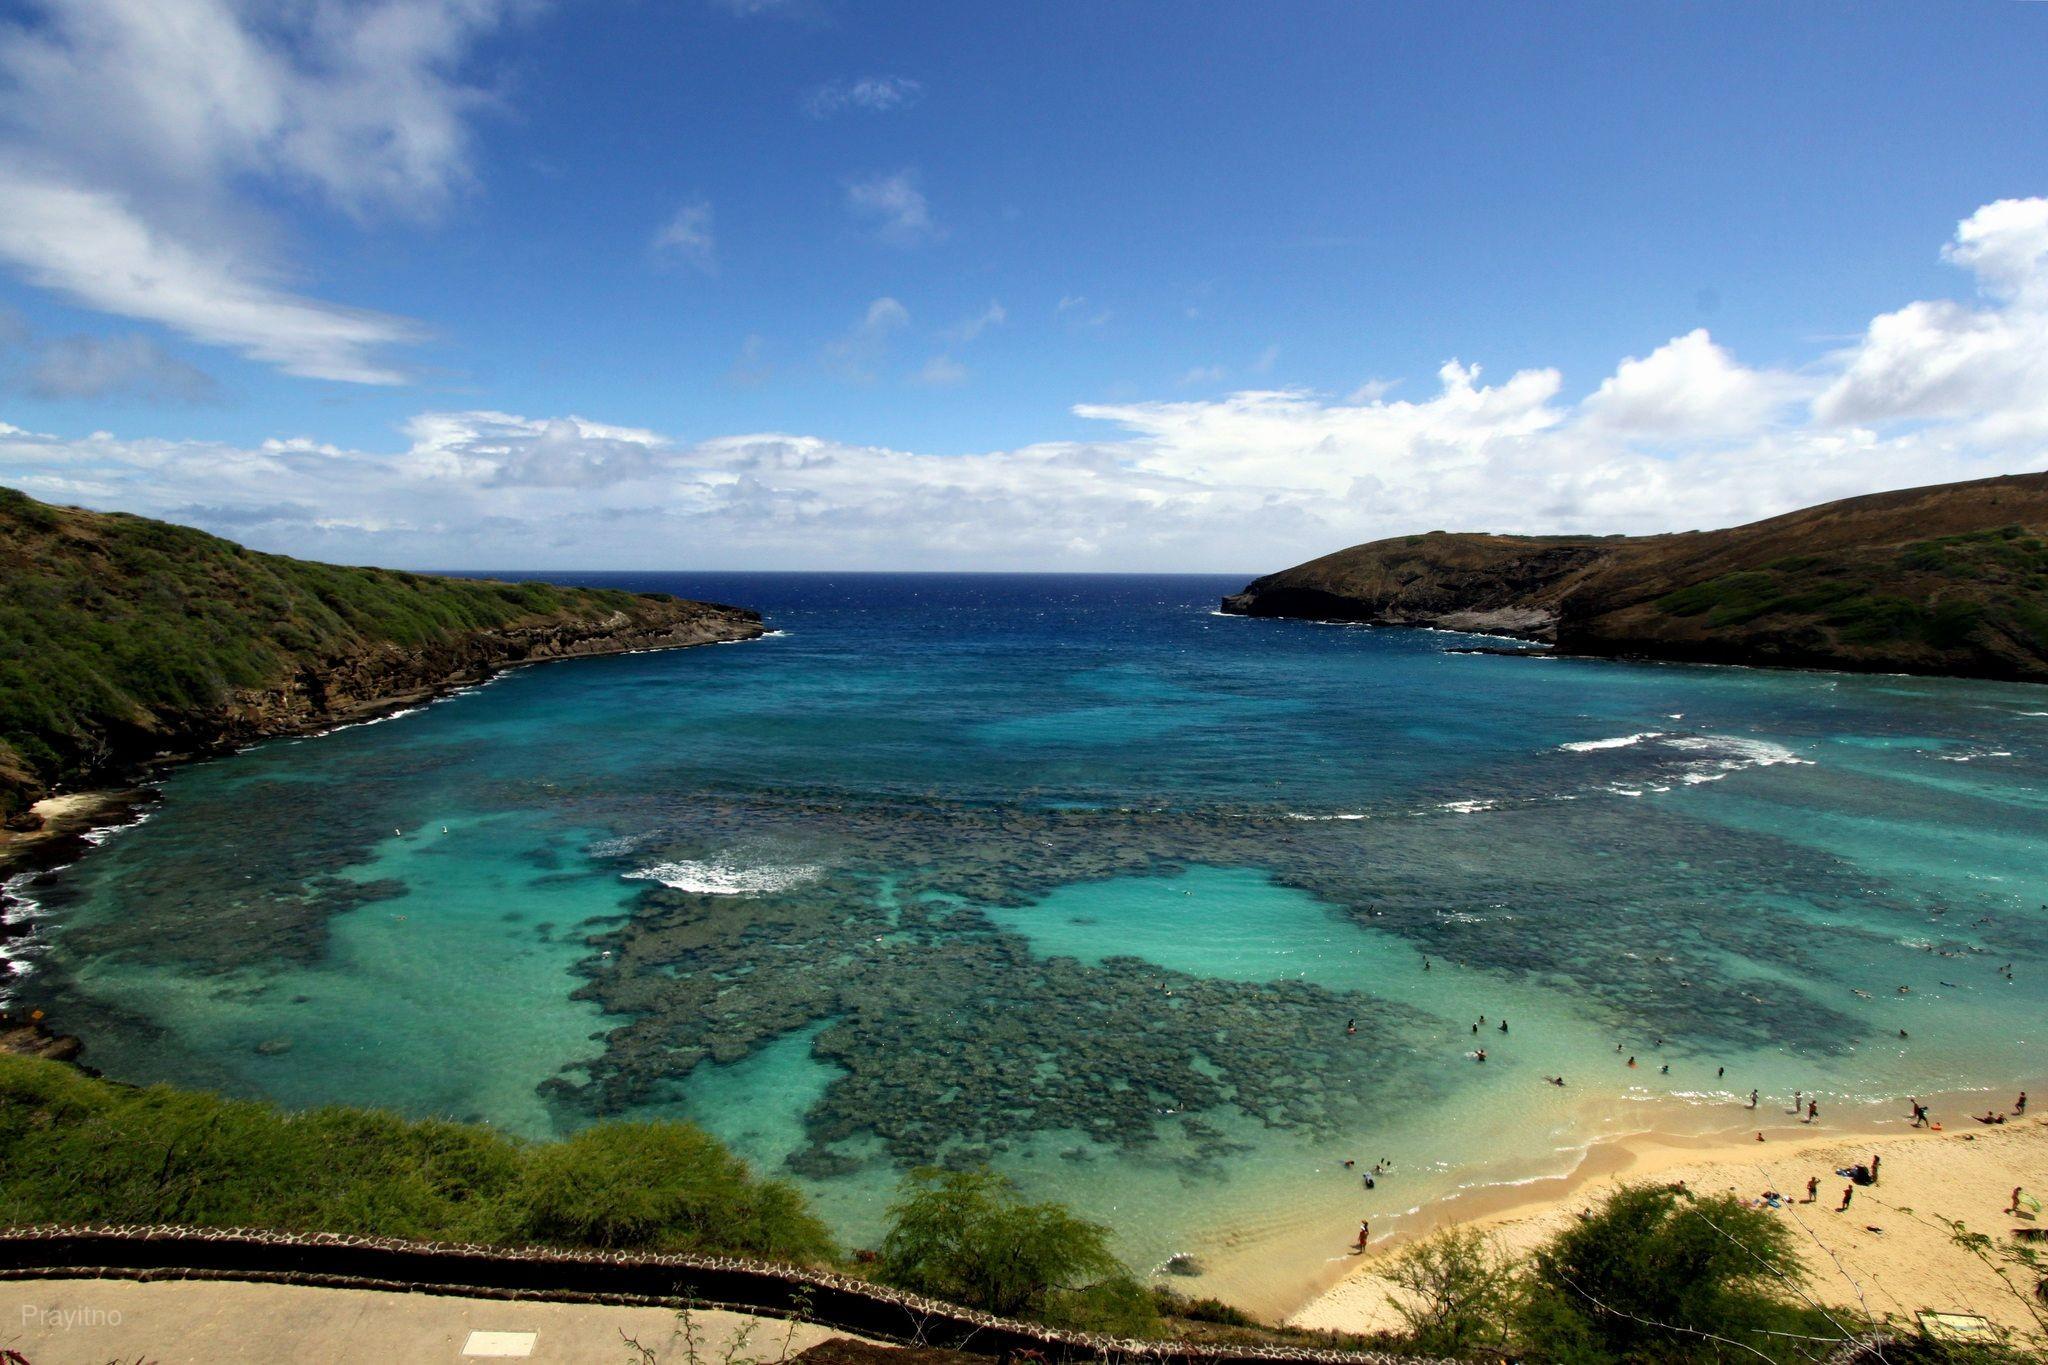 夏威夷陽光5日-2人成行周日出發<市區觀光、珍珠港、歐胡島小環島、波里尼西亞文化秀>贈全程小費+ HARD ROCK午餐